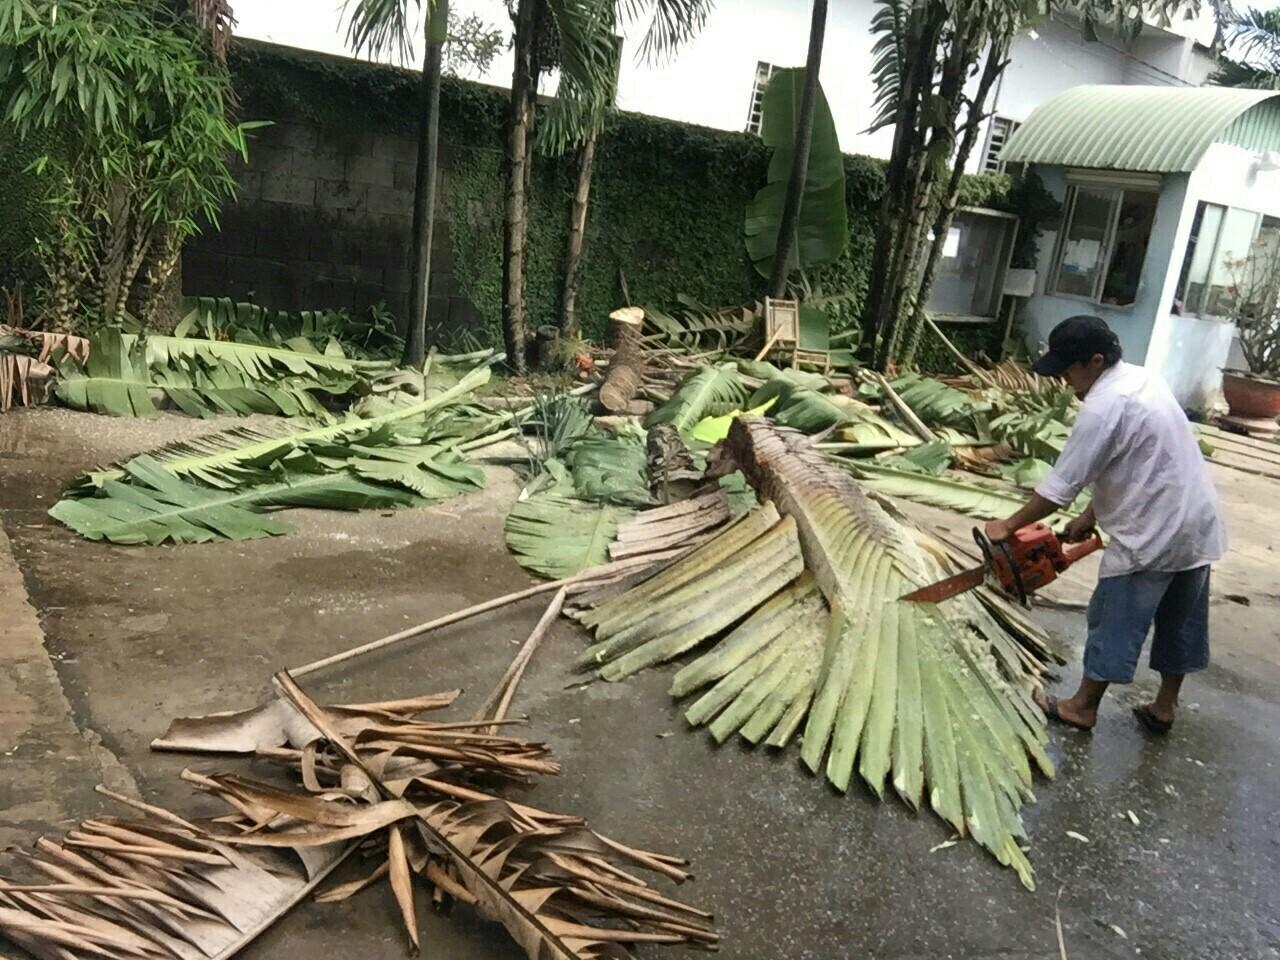 Cắt tỉa cây um tùm có khả năng đổ khi trời mưa bão